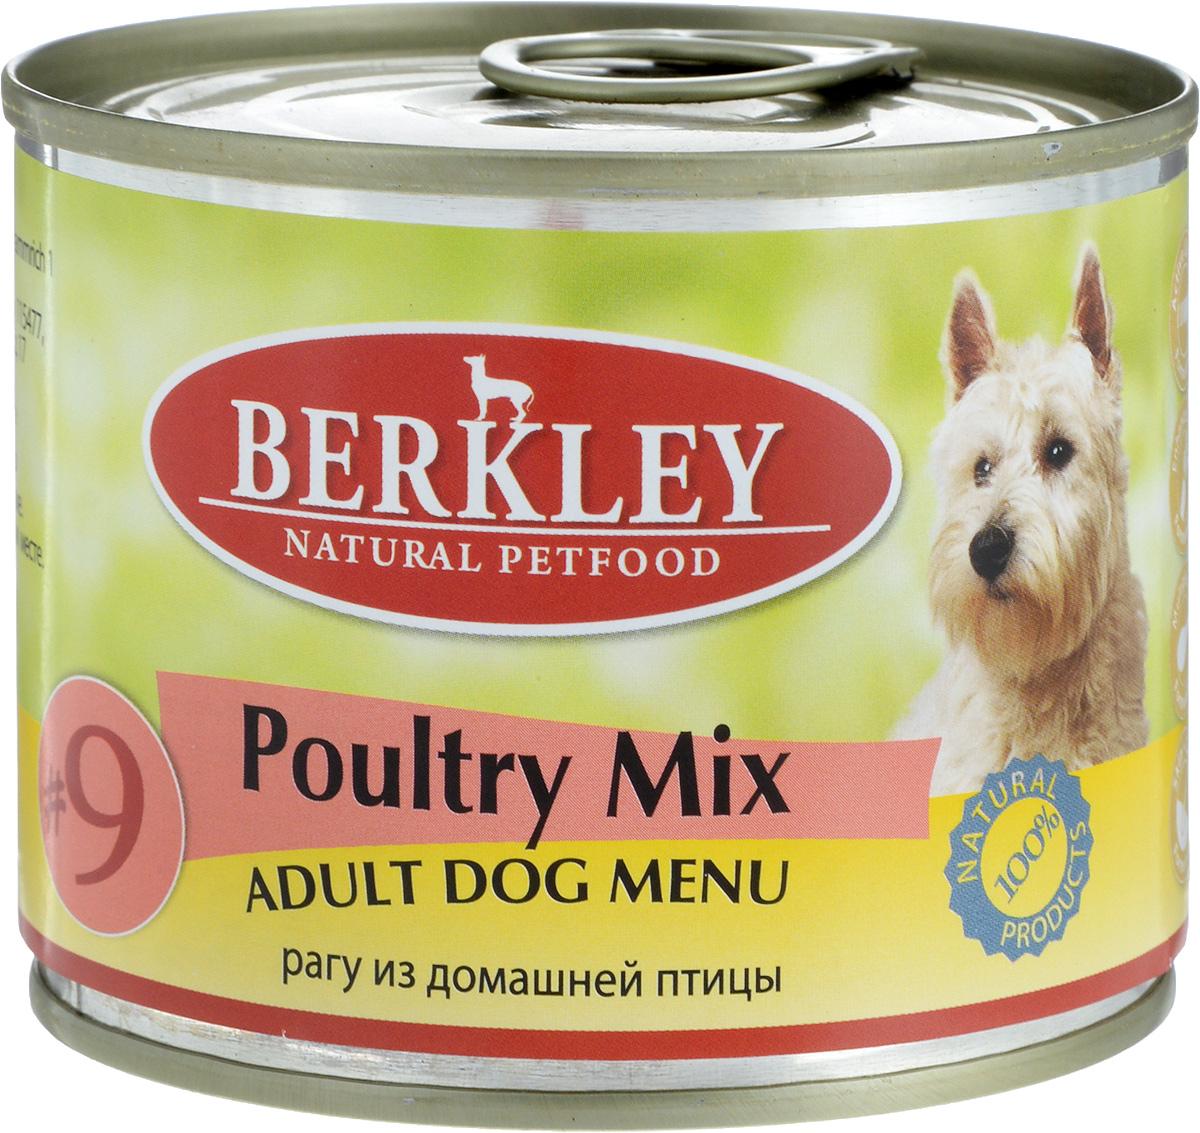 Консервы для собак Berkley №9, рагу из домашней птицы, 200 г57474/75005Консервы Berkley №9 - полноценное консервированное питание для собак. Не содержат сои, консервантов, искусственных красителей и ароматизаторов. Корм полностью удовлетворяет ежедневные энергетические потребности животного и обеспечивает оптимальное функционирование пищеварительной системы. Товар сертифицирован.